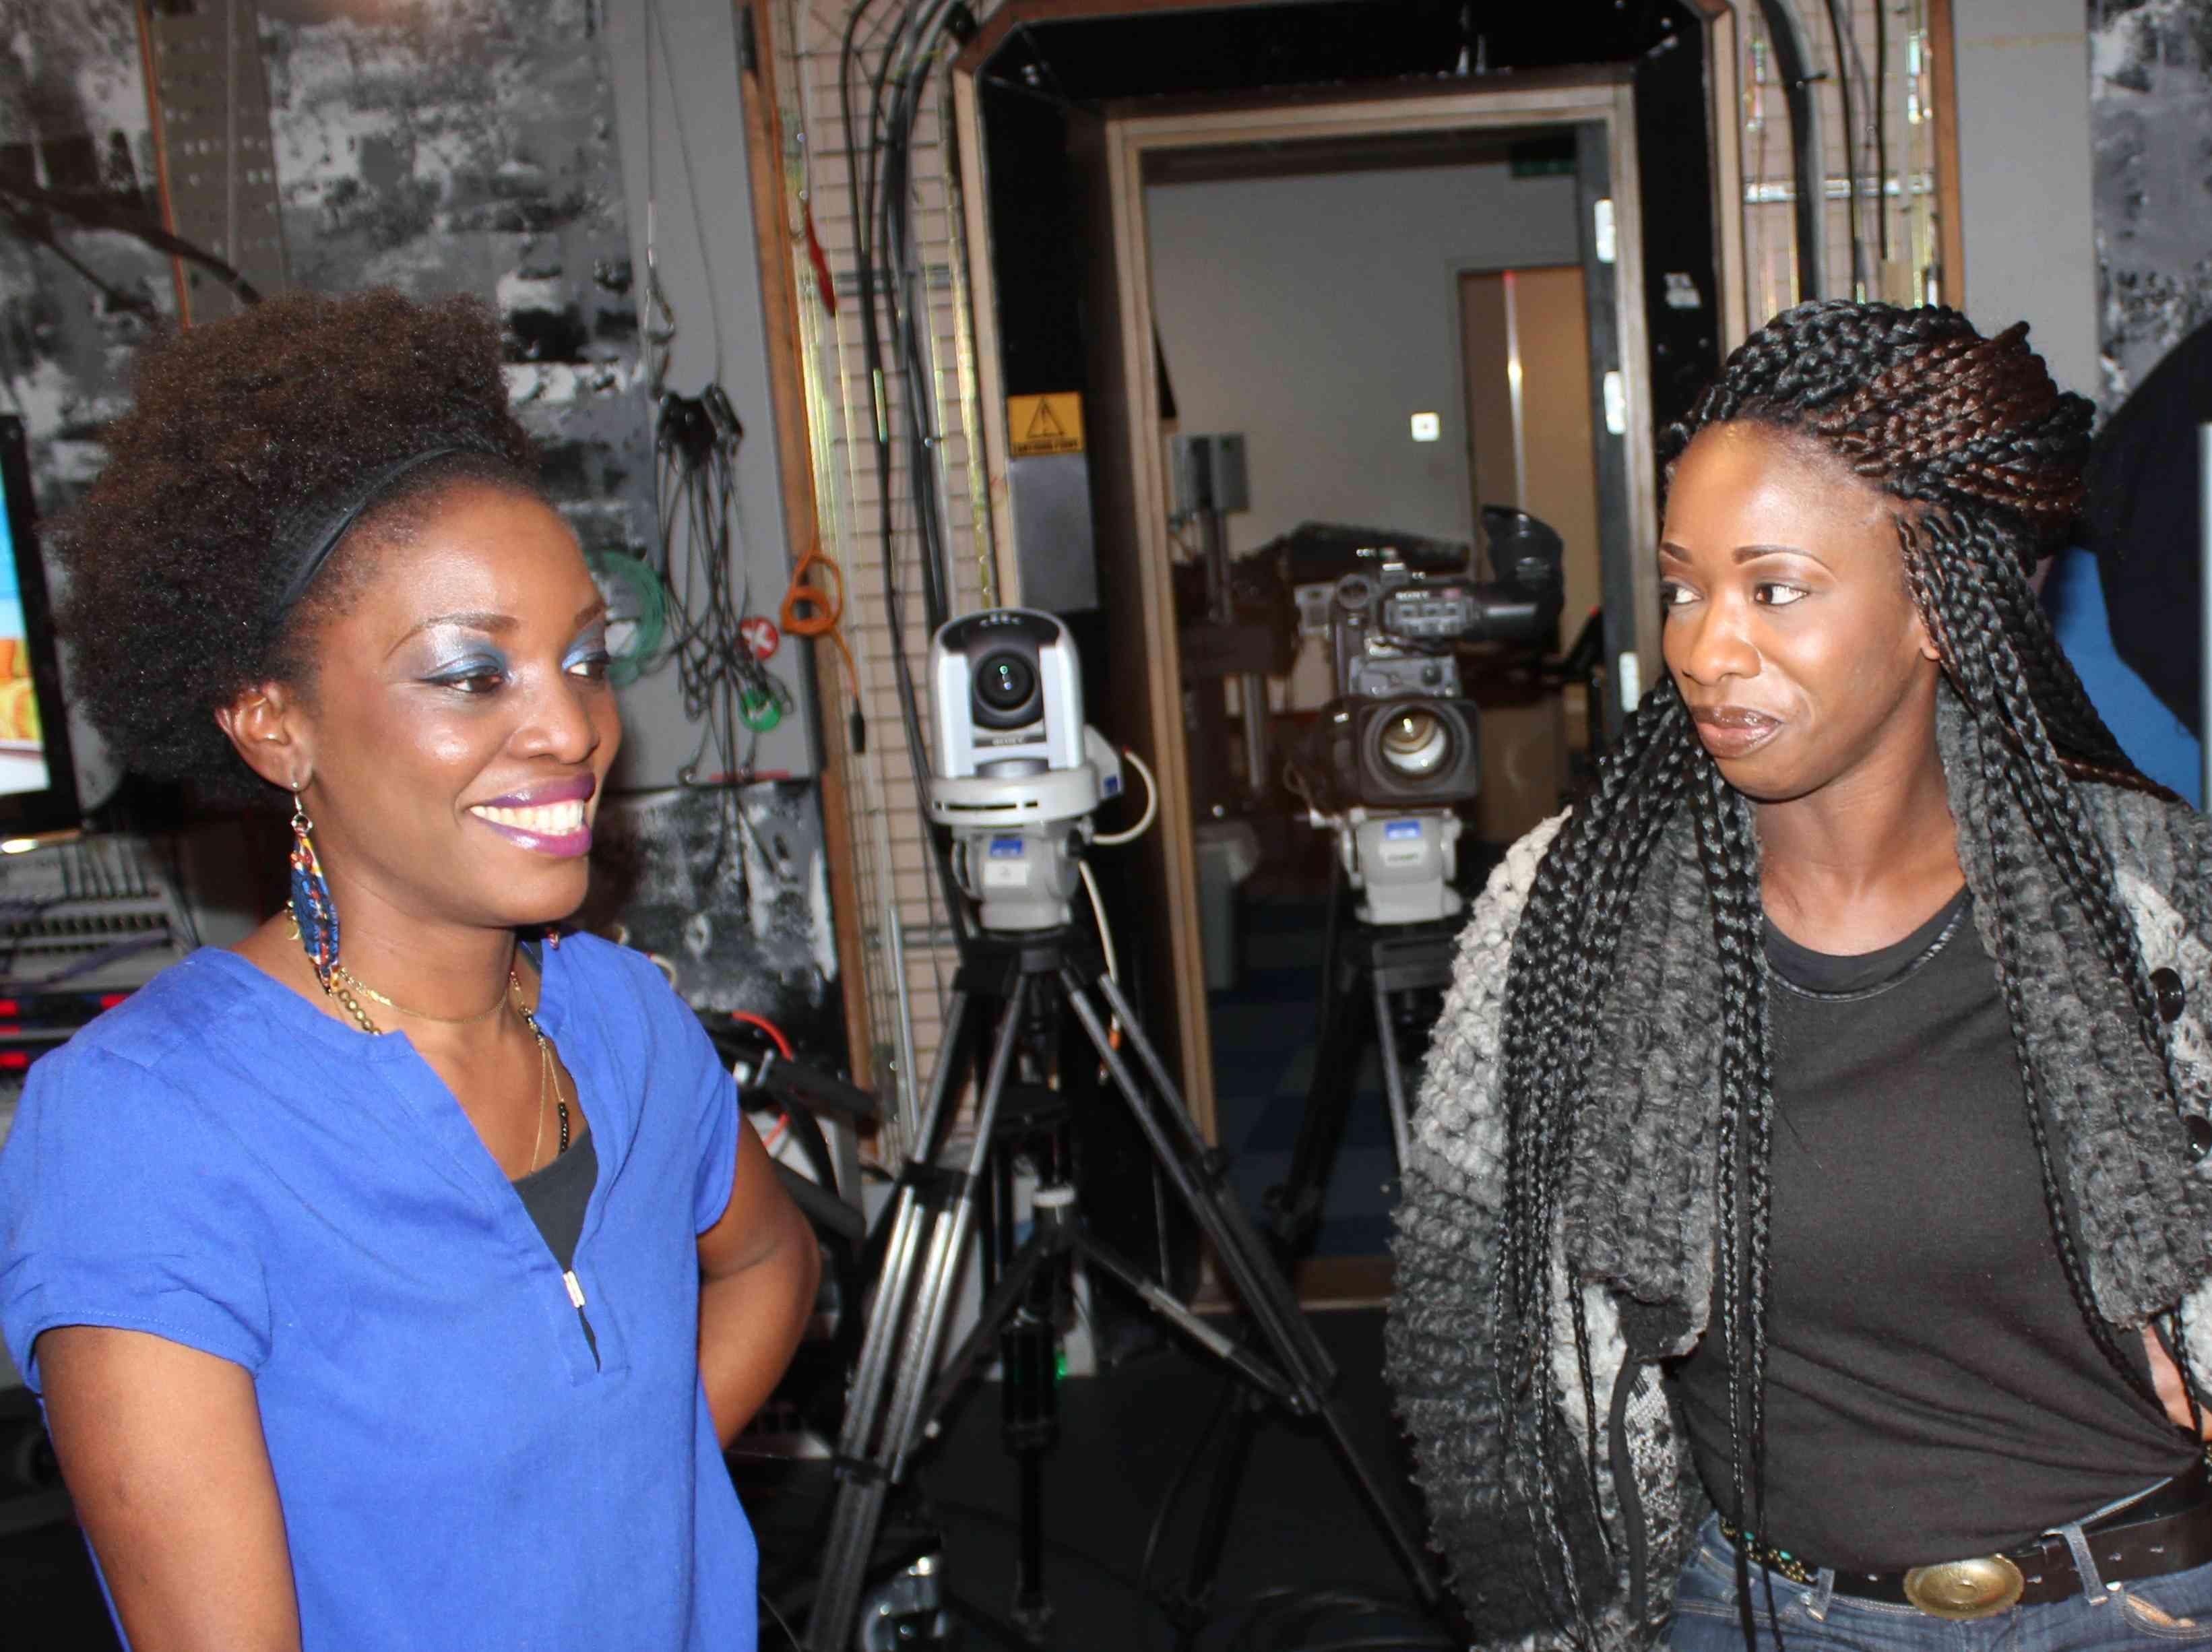 9L chroniqueuse beaute tv voxafrica fashion beauty pundit